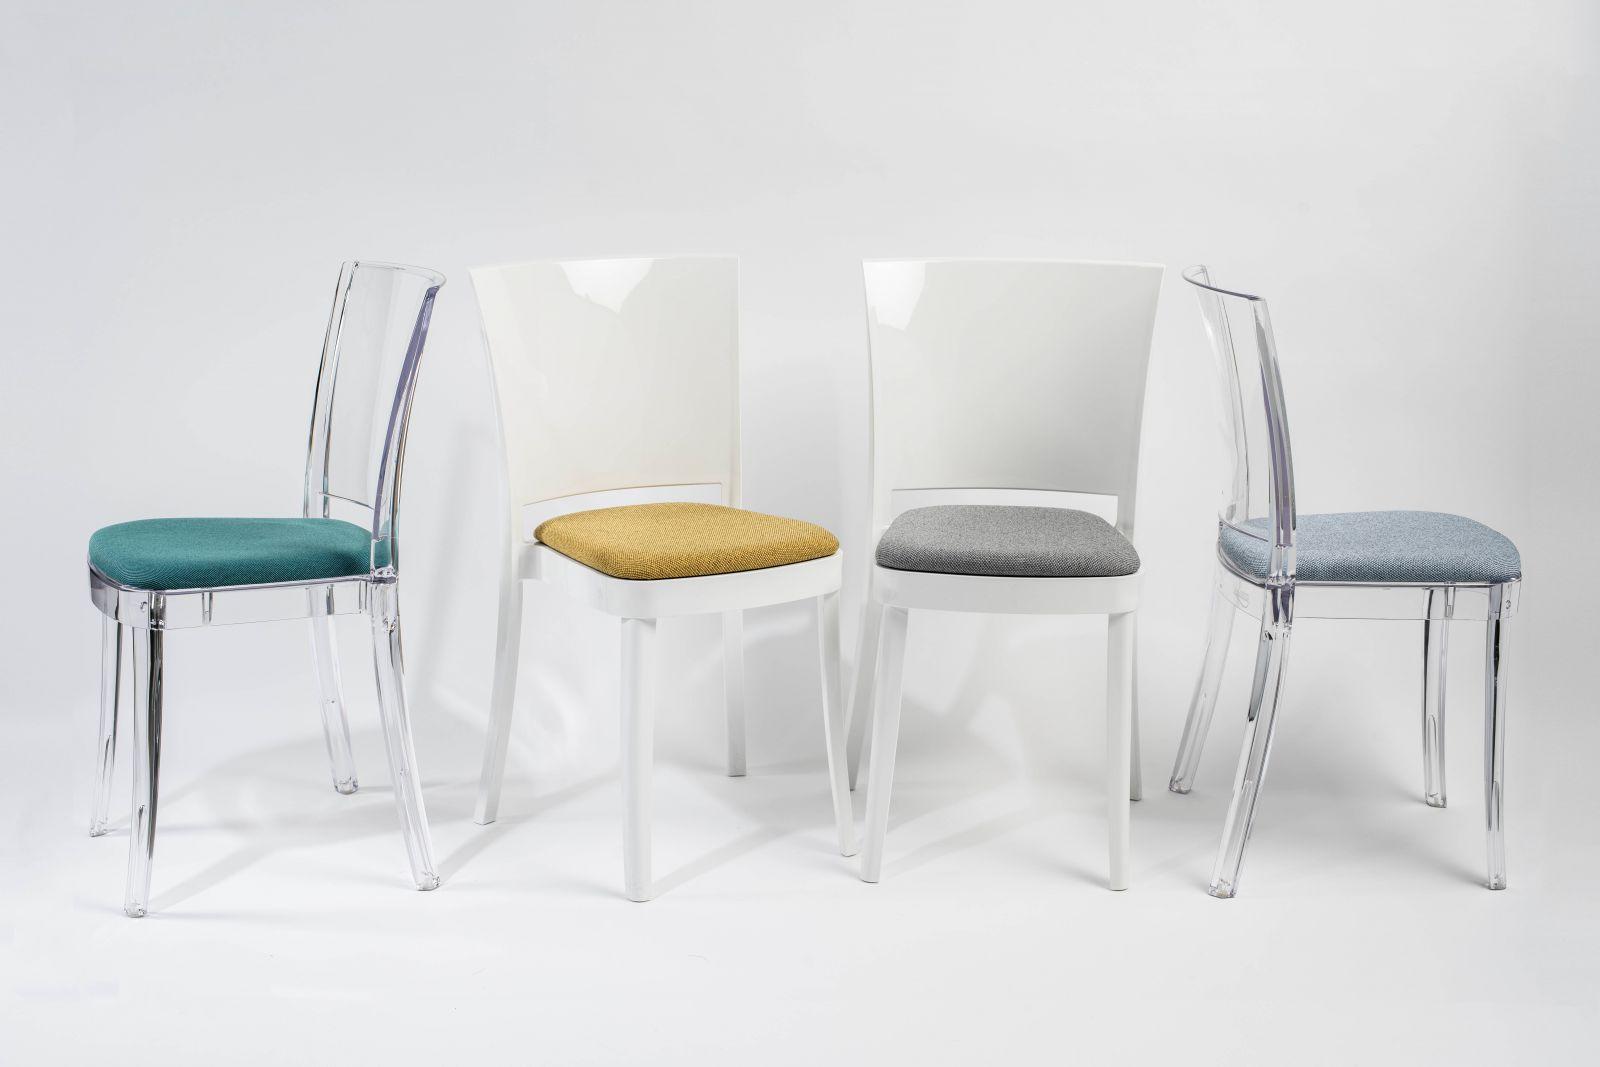 Nuovi cuscini Trevira CANVAS per la nostra sedia Lucienne